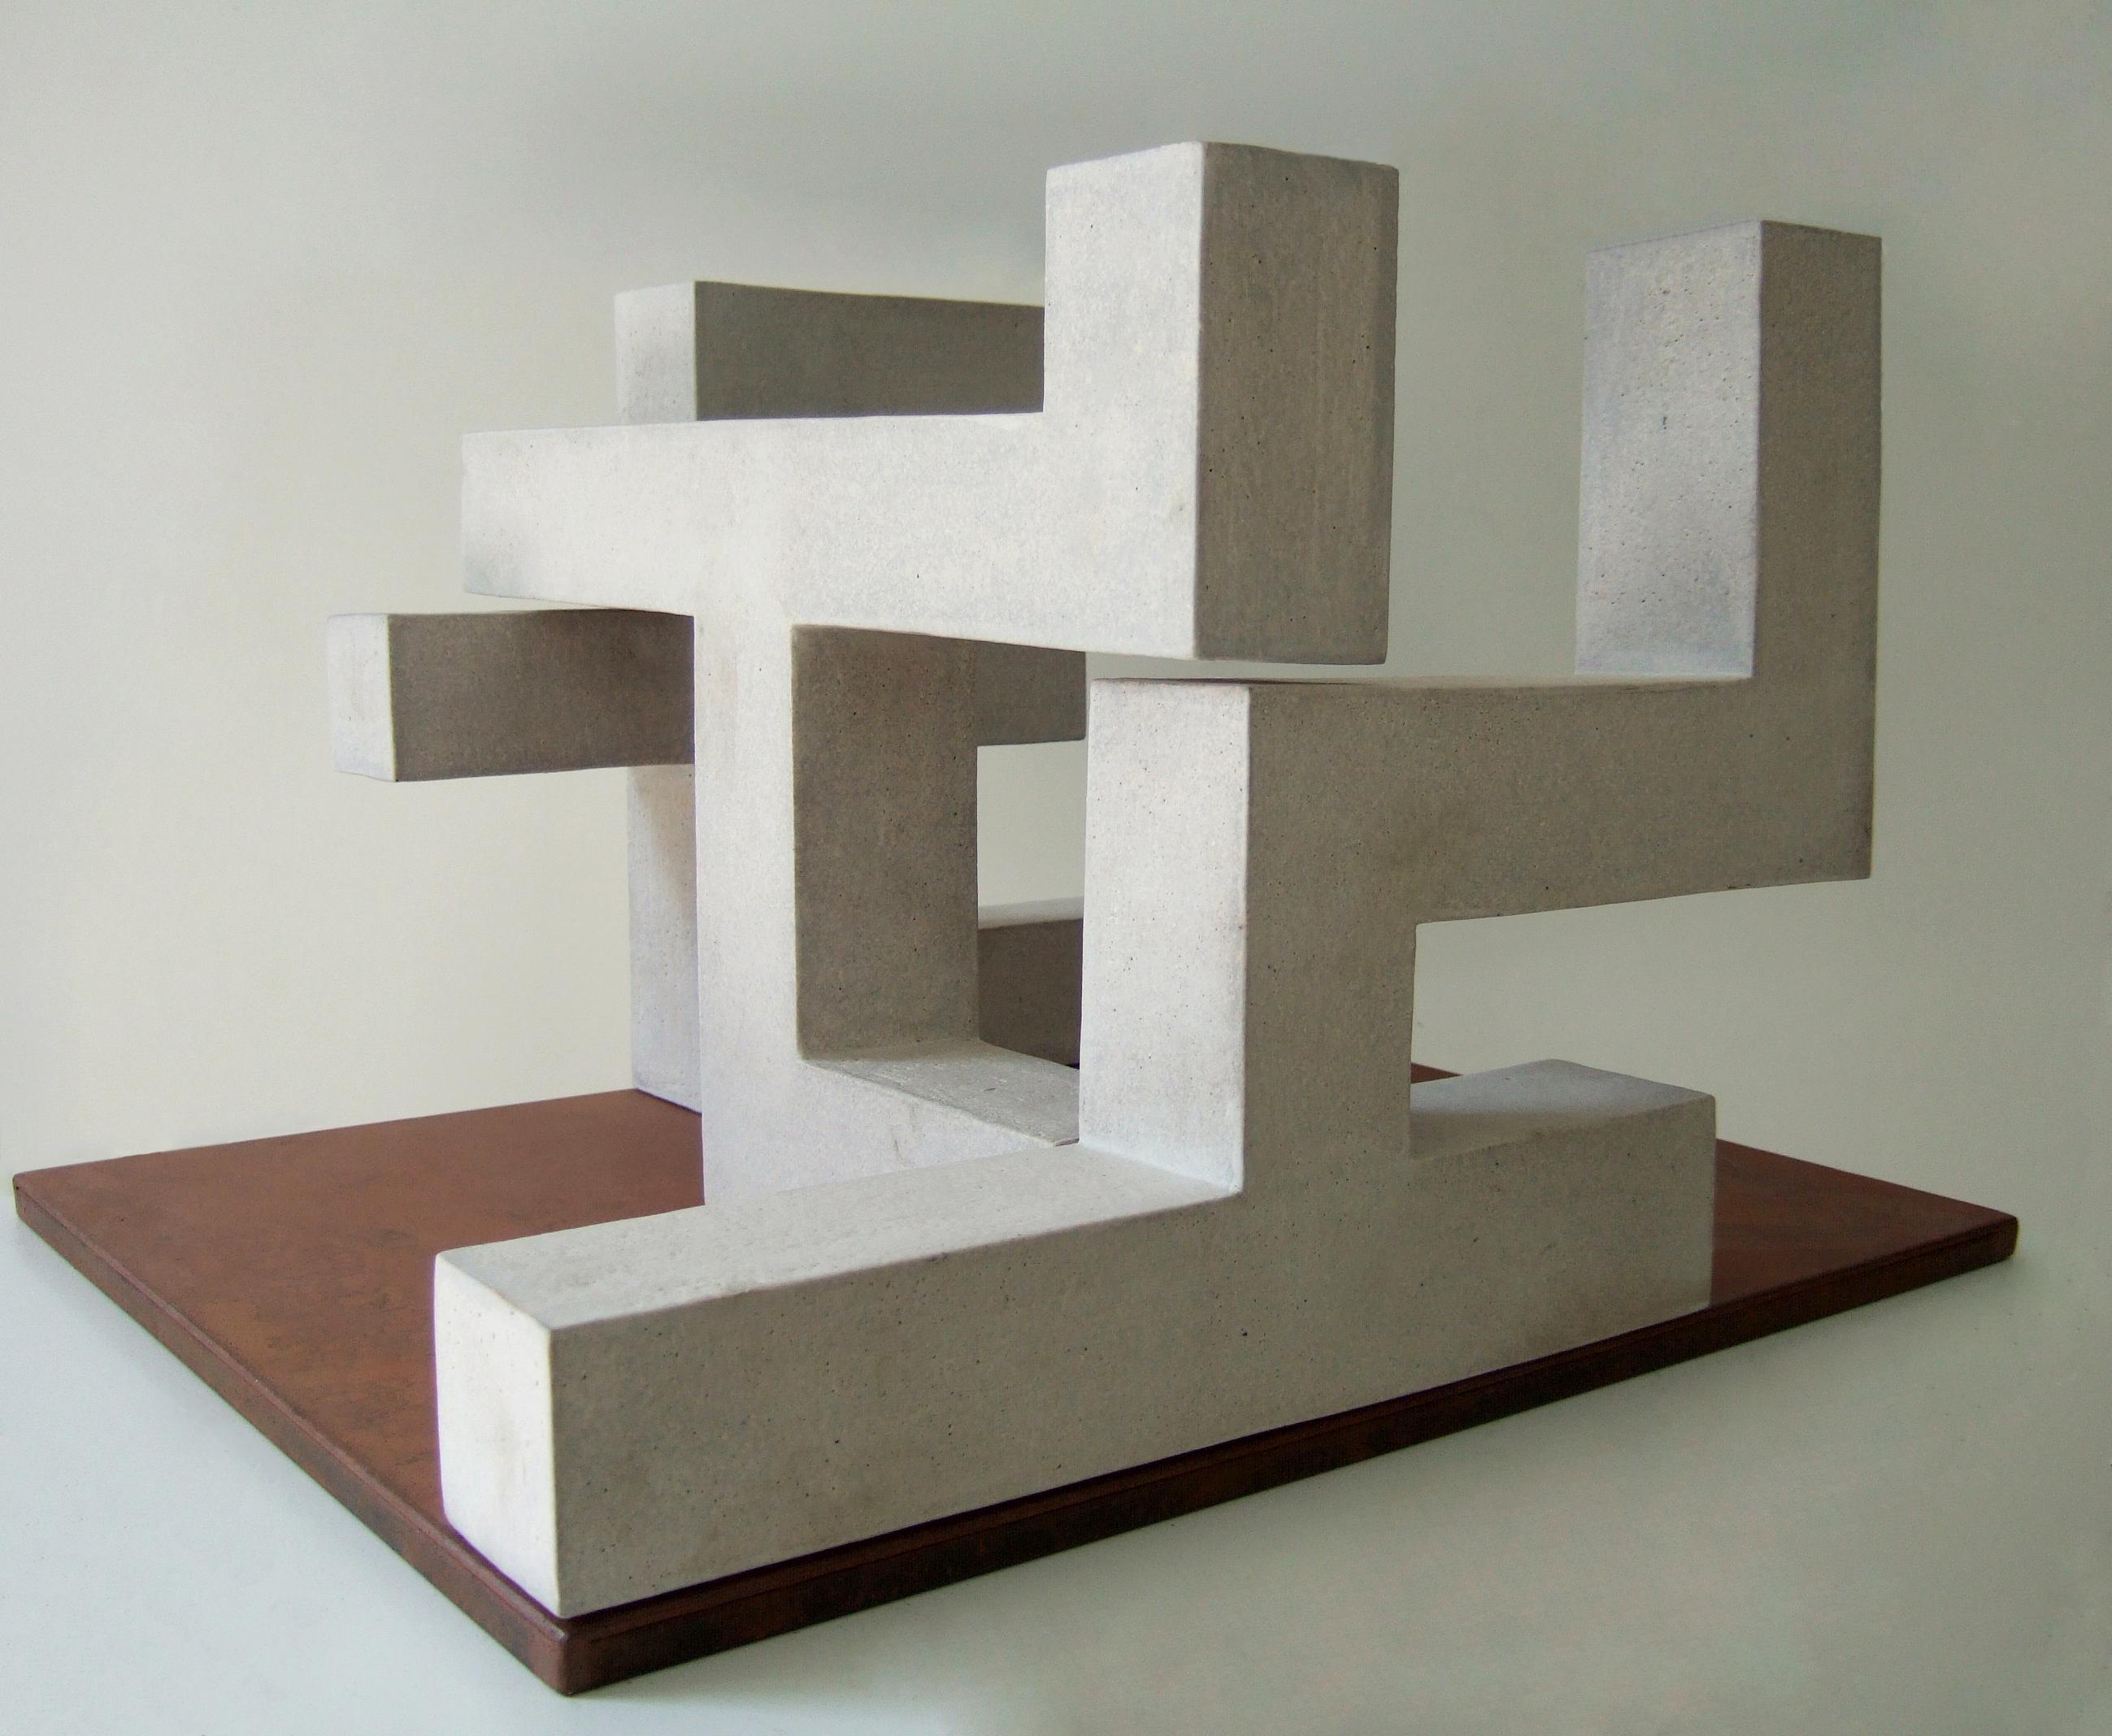 169-_Arquitecturas_para_un_sueño_I-2006.